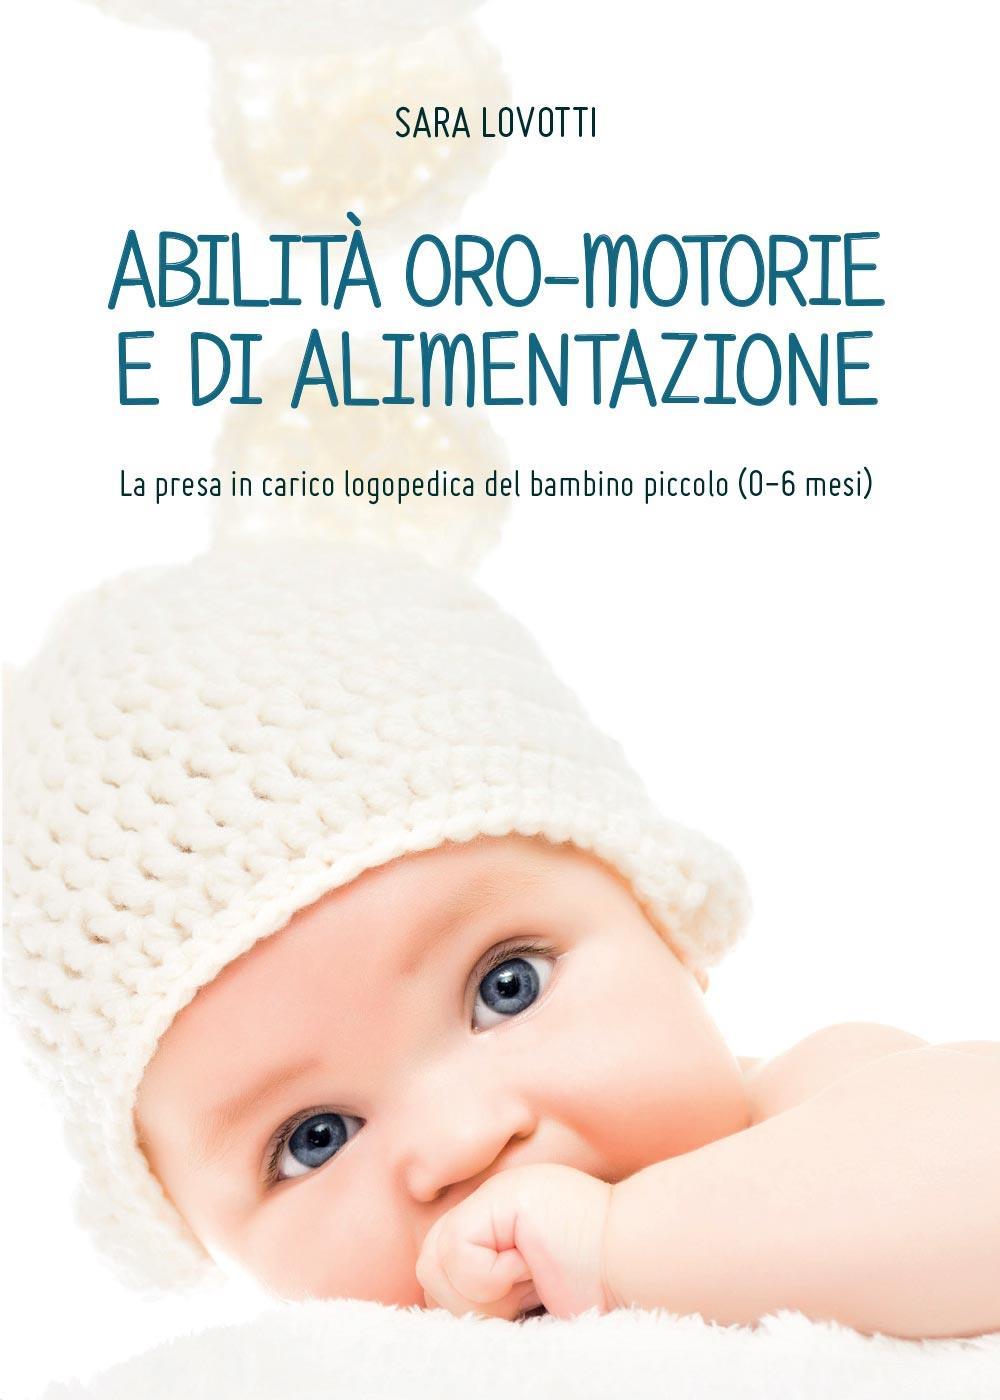 Abilità oro-motorie e di alimentazione: la presa in carico logopedica del bambino piccolo (0-6 mesi)